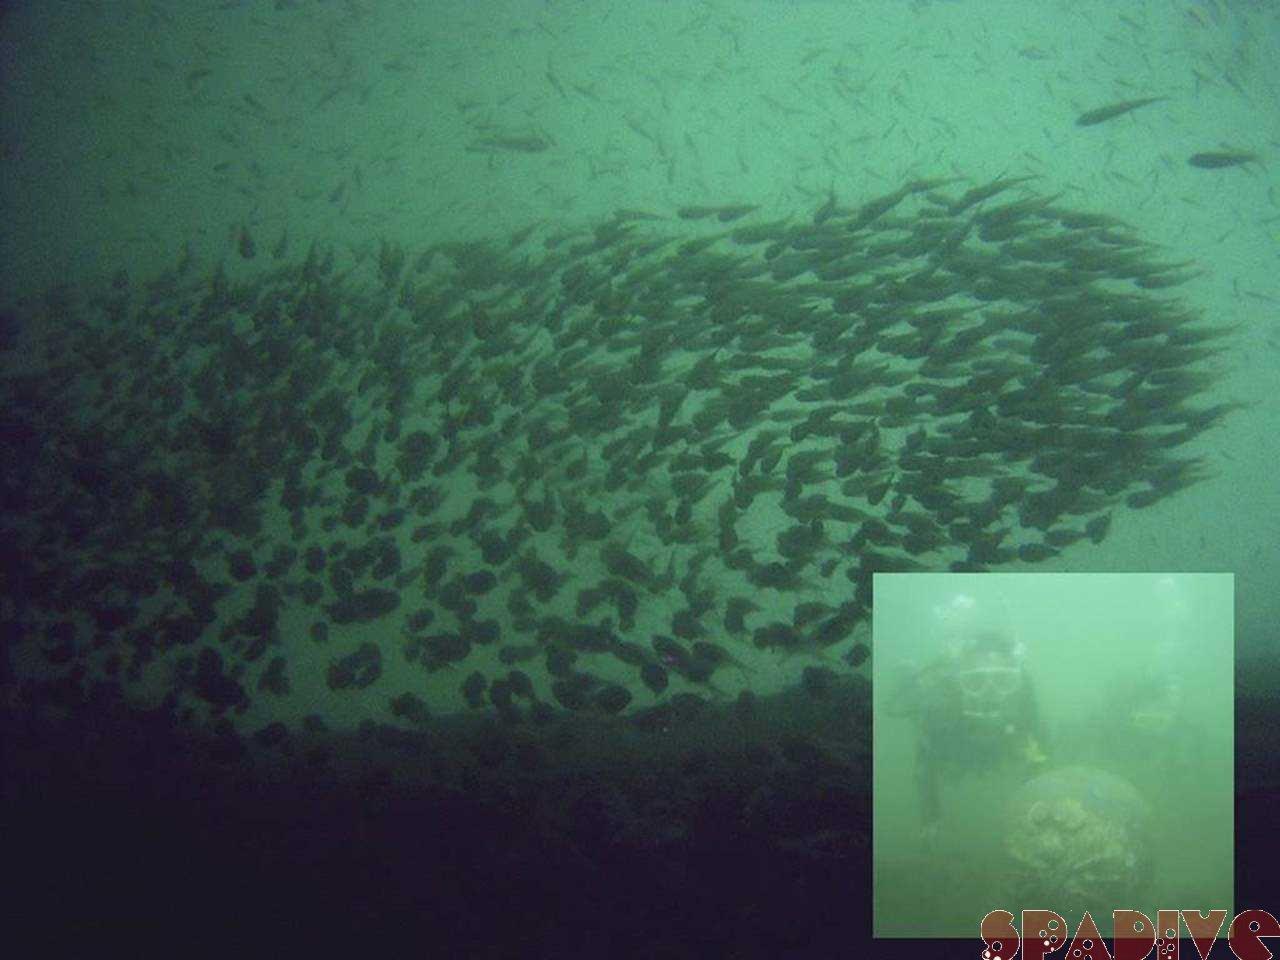 権現崎&沈船AOWアドバンスコースダイビング|10/23/2005白浜